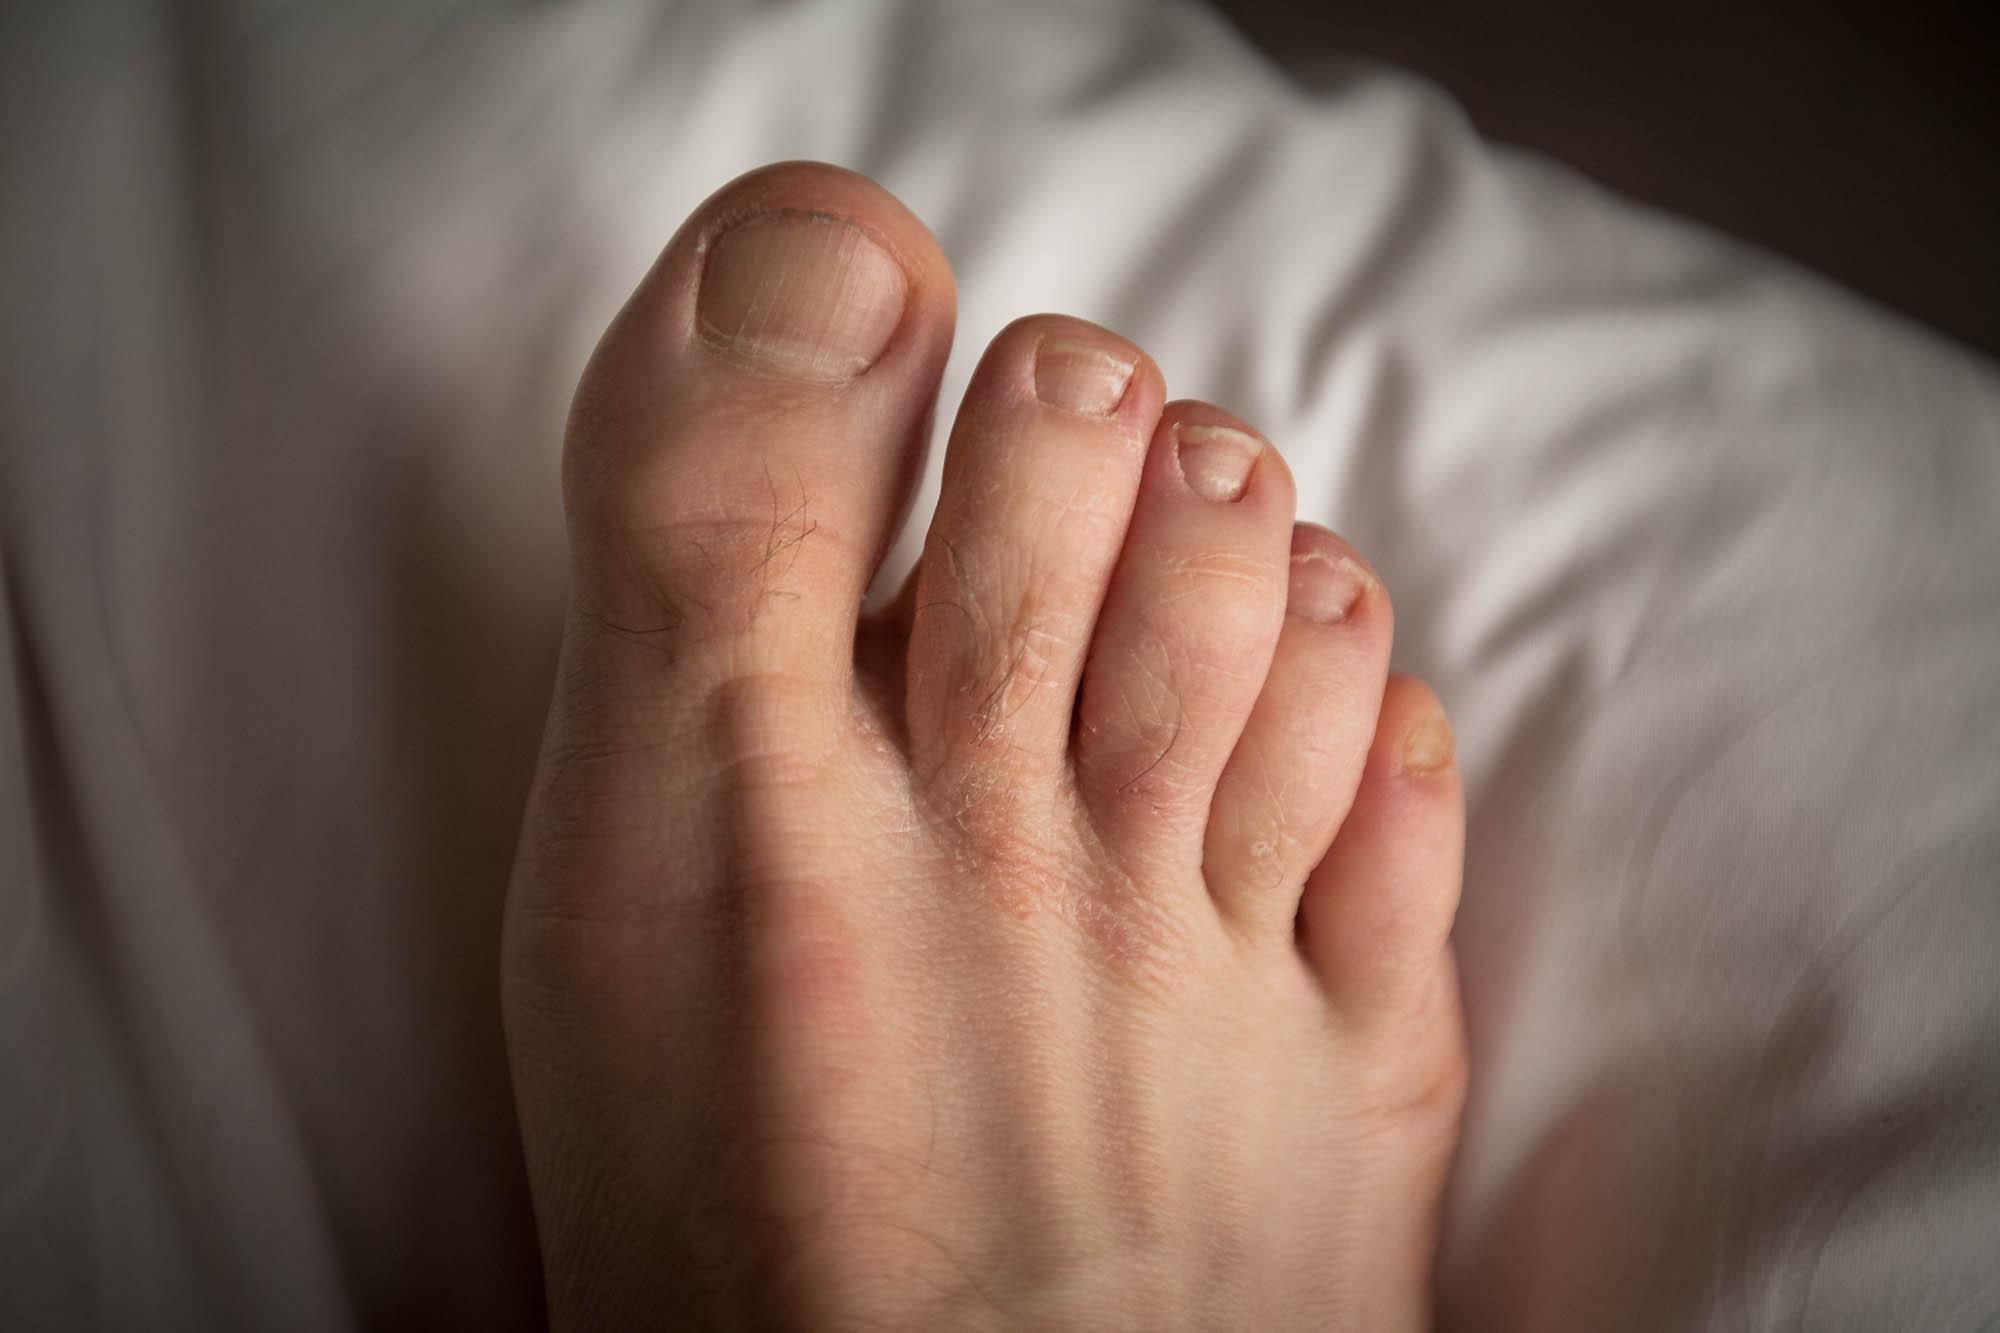 bad foot